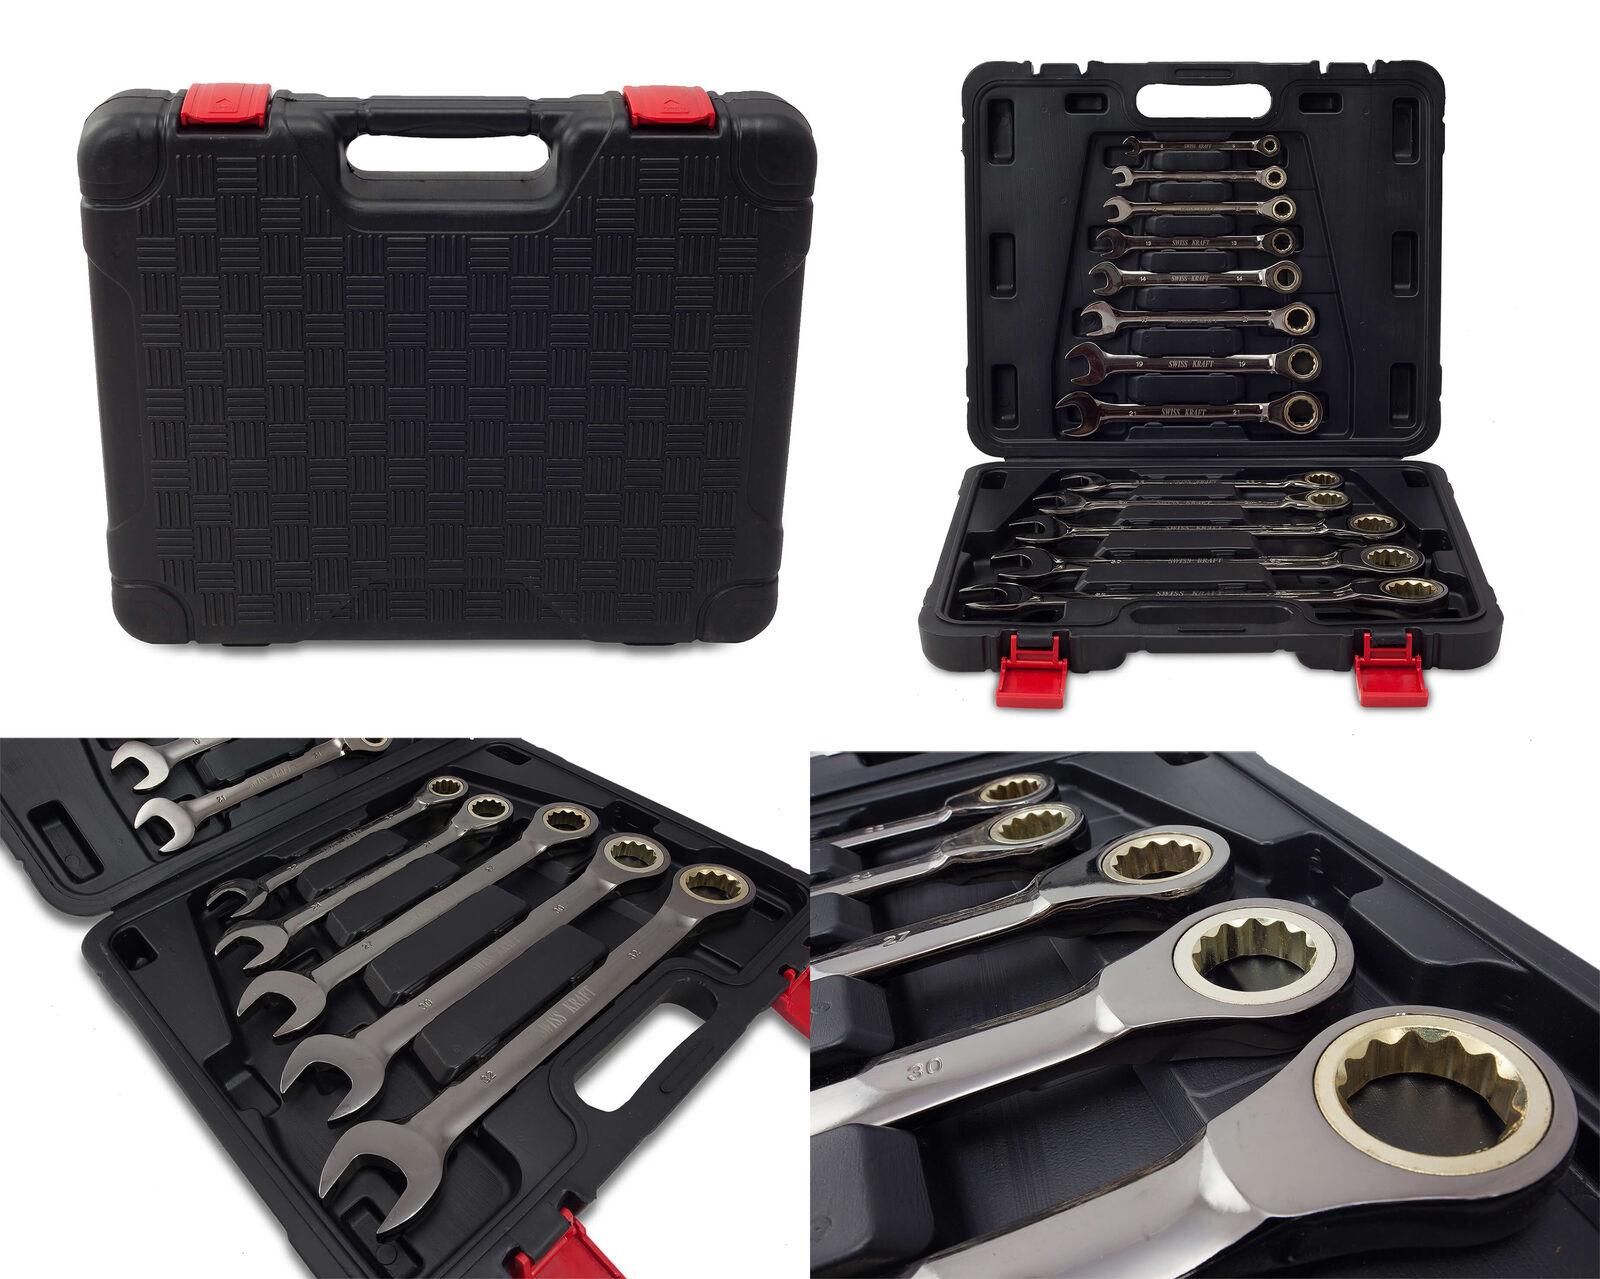 Ratschenschlüssel Ring Maul Ratsche Schlüssel Satz 8-32mm Werkzeug Set